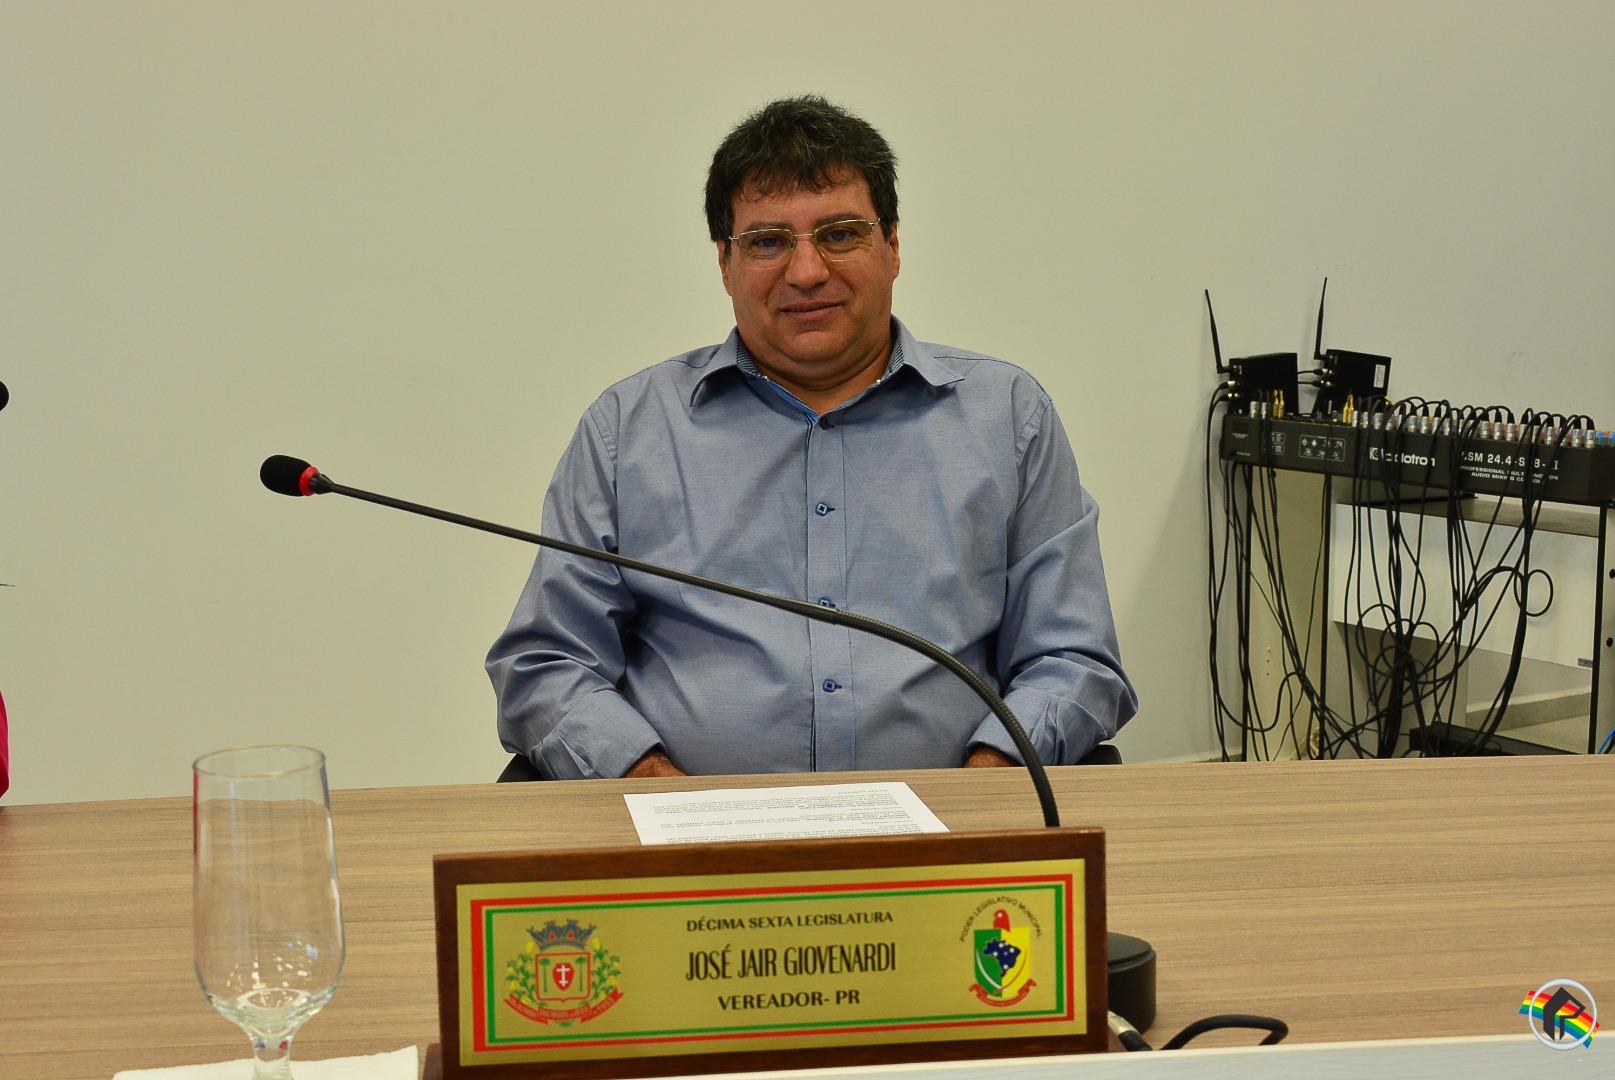 Câmara de Vereadores aprova várias indicações durante sessão